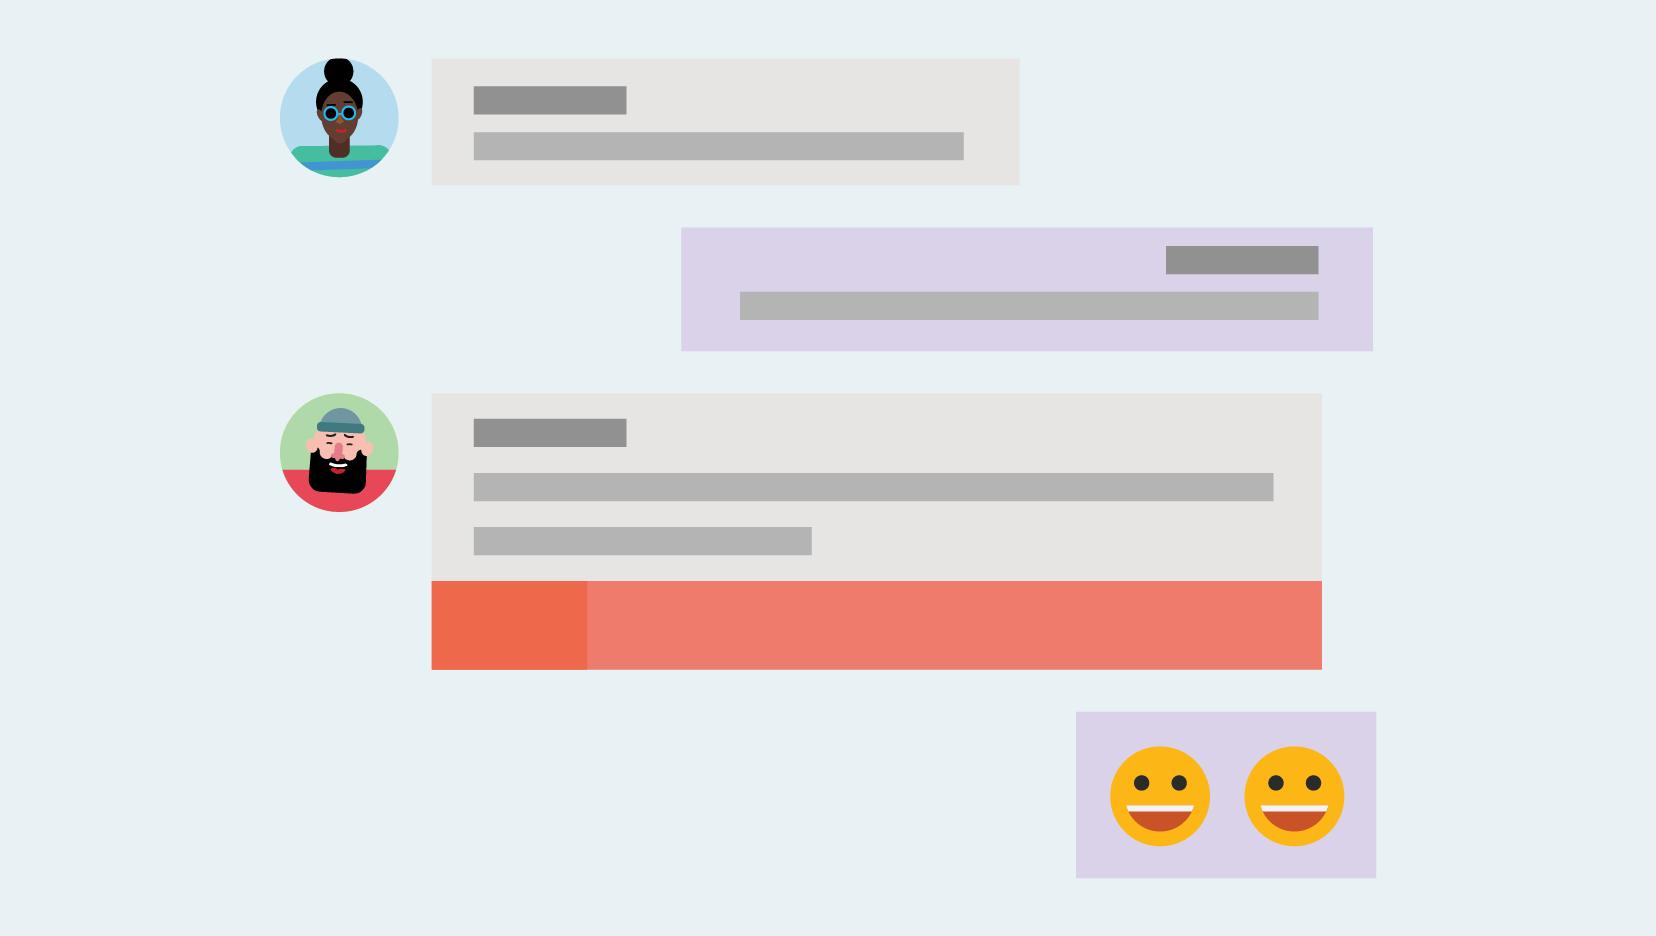 Ekiplerin içinde sohbet etme